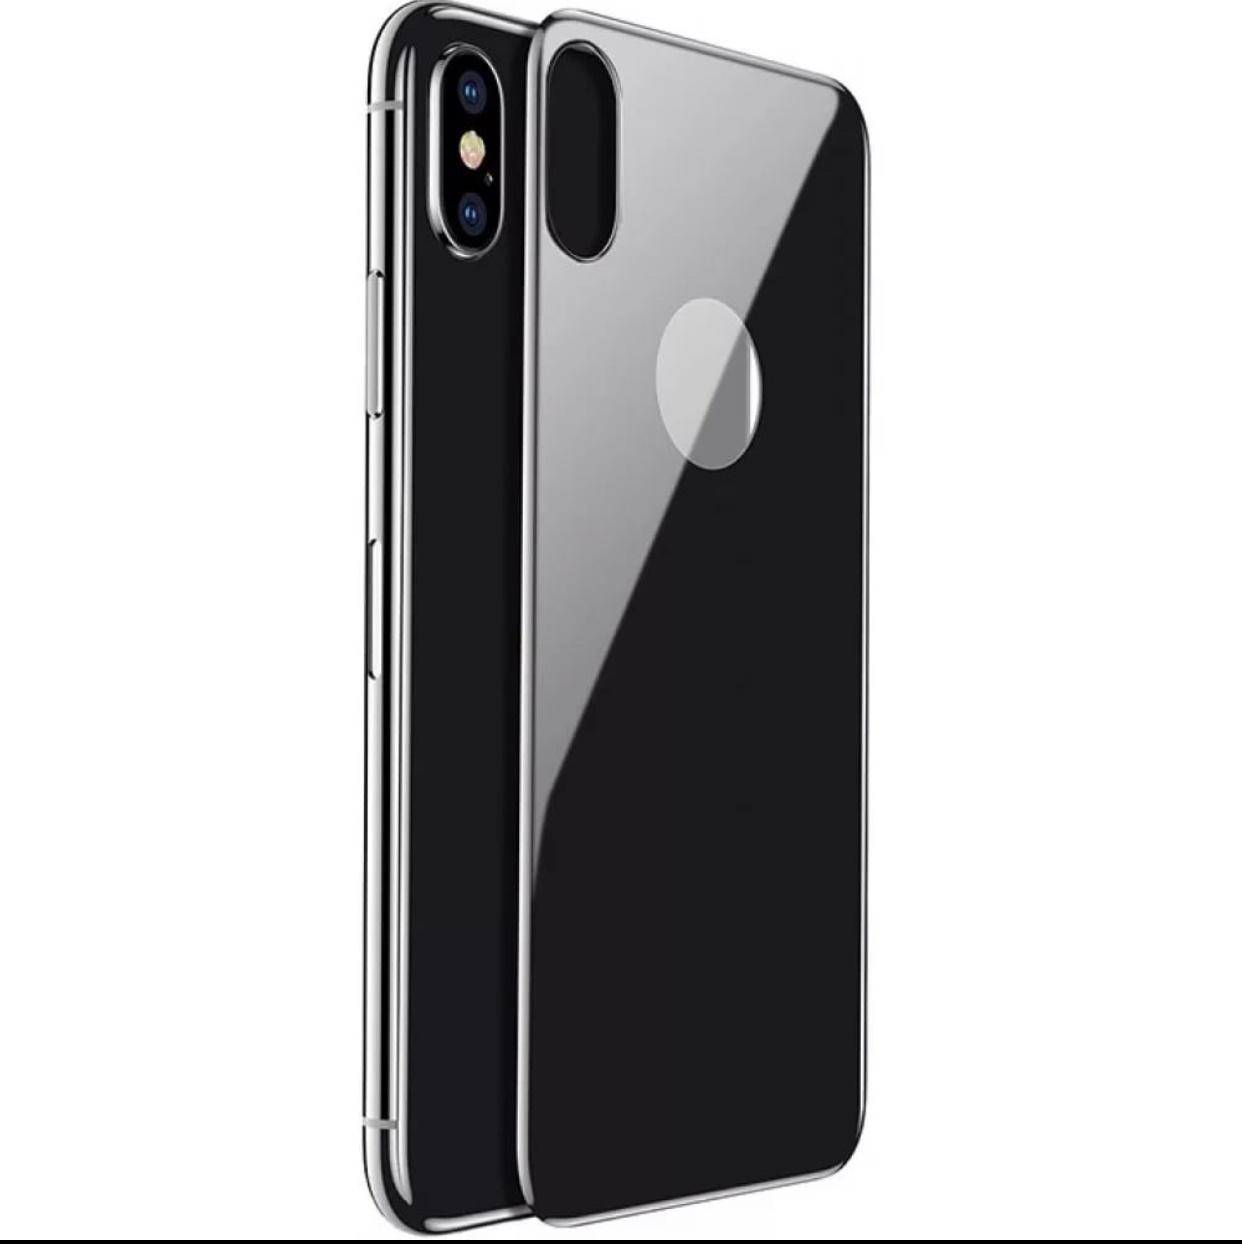 Фото - Защитное стекло Baseus ЗЗащитное стекло Baseus 4D Tempered Back Glass для задней панели iPhone X black, BGF-1017, черный contrast lace keyhole back blouse